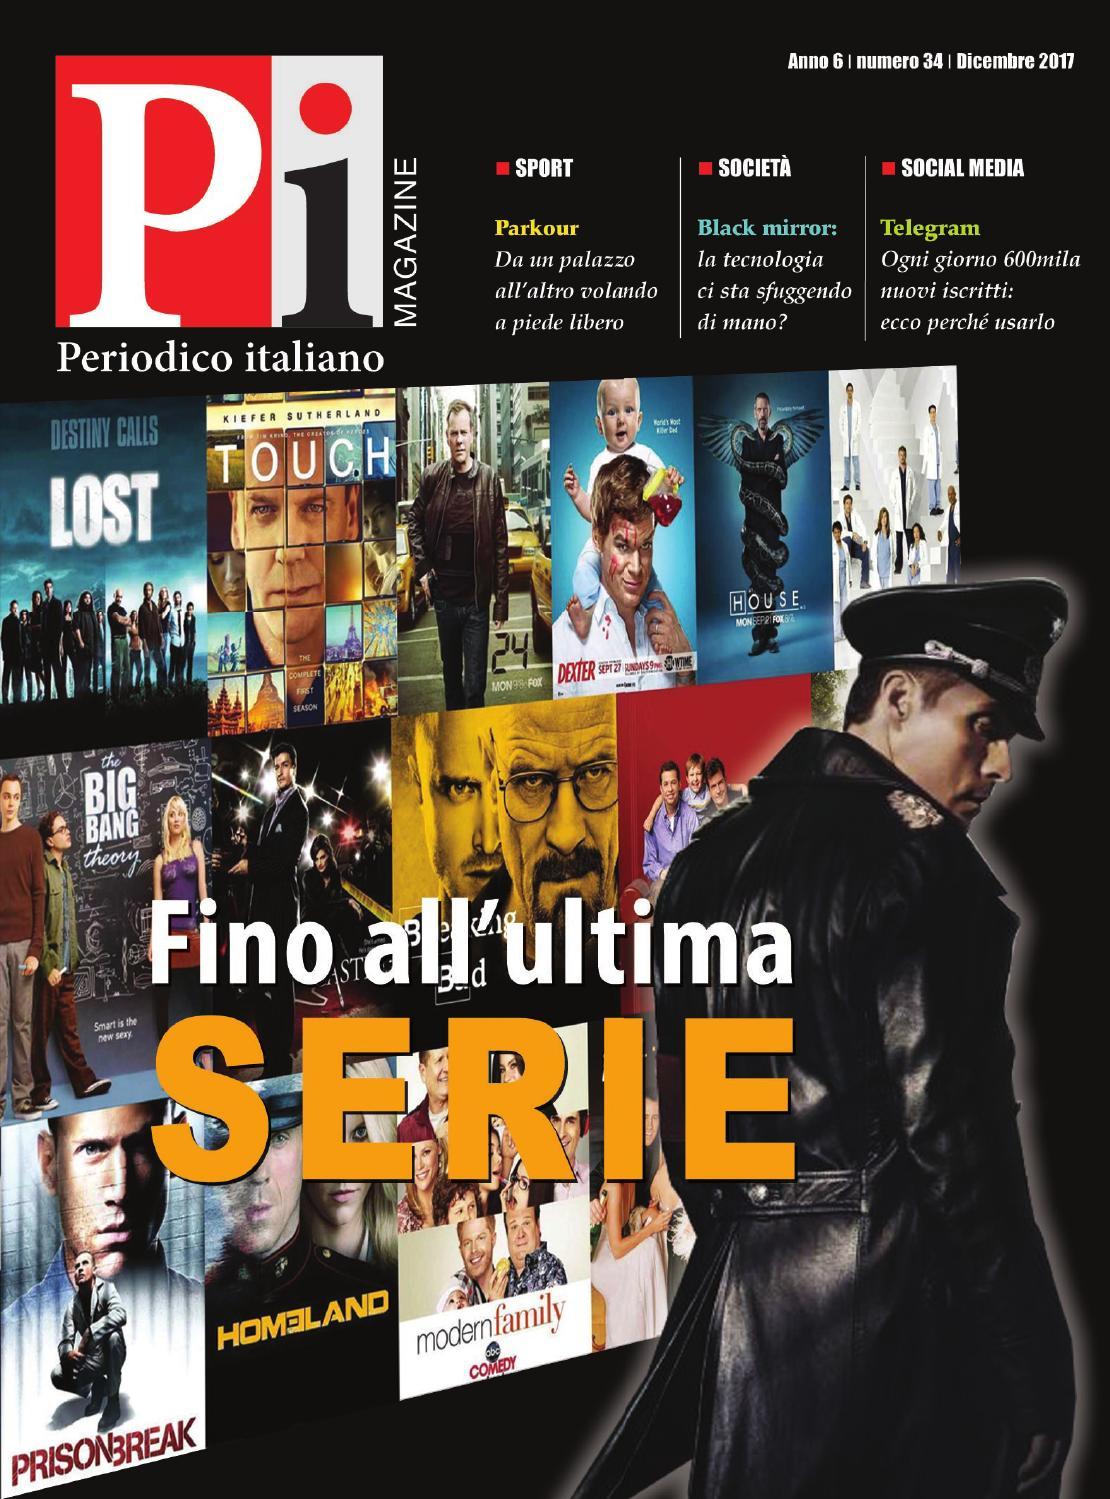 Periodico italiano magazine dicembre 2017